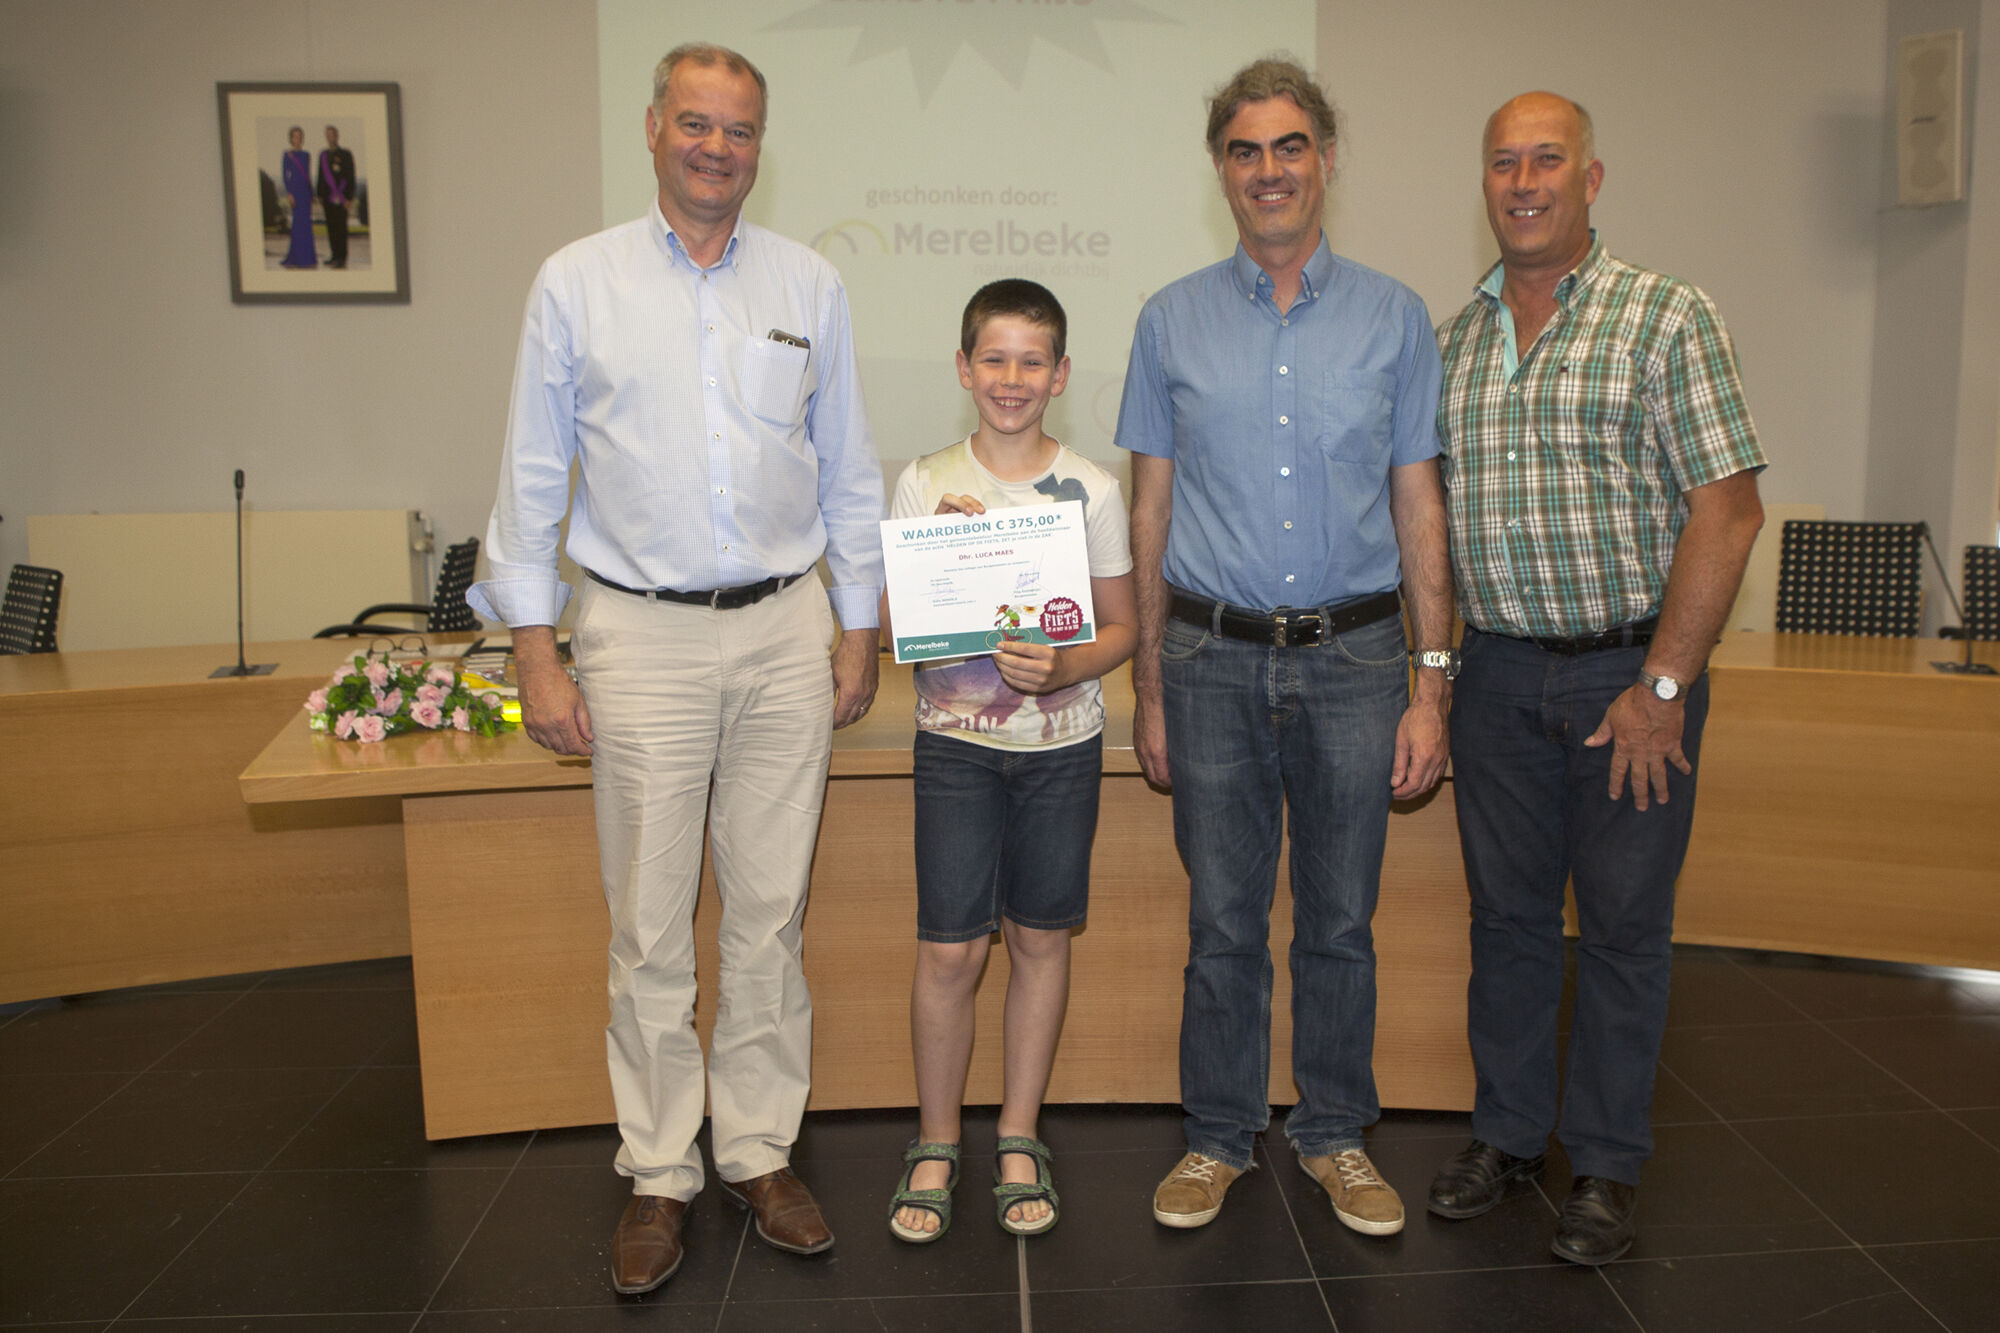 Helden op de fiets: prijsuitreiking scholen 2017